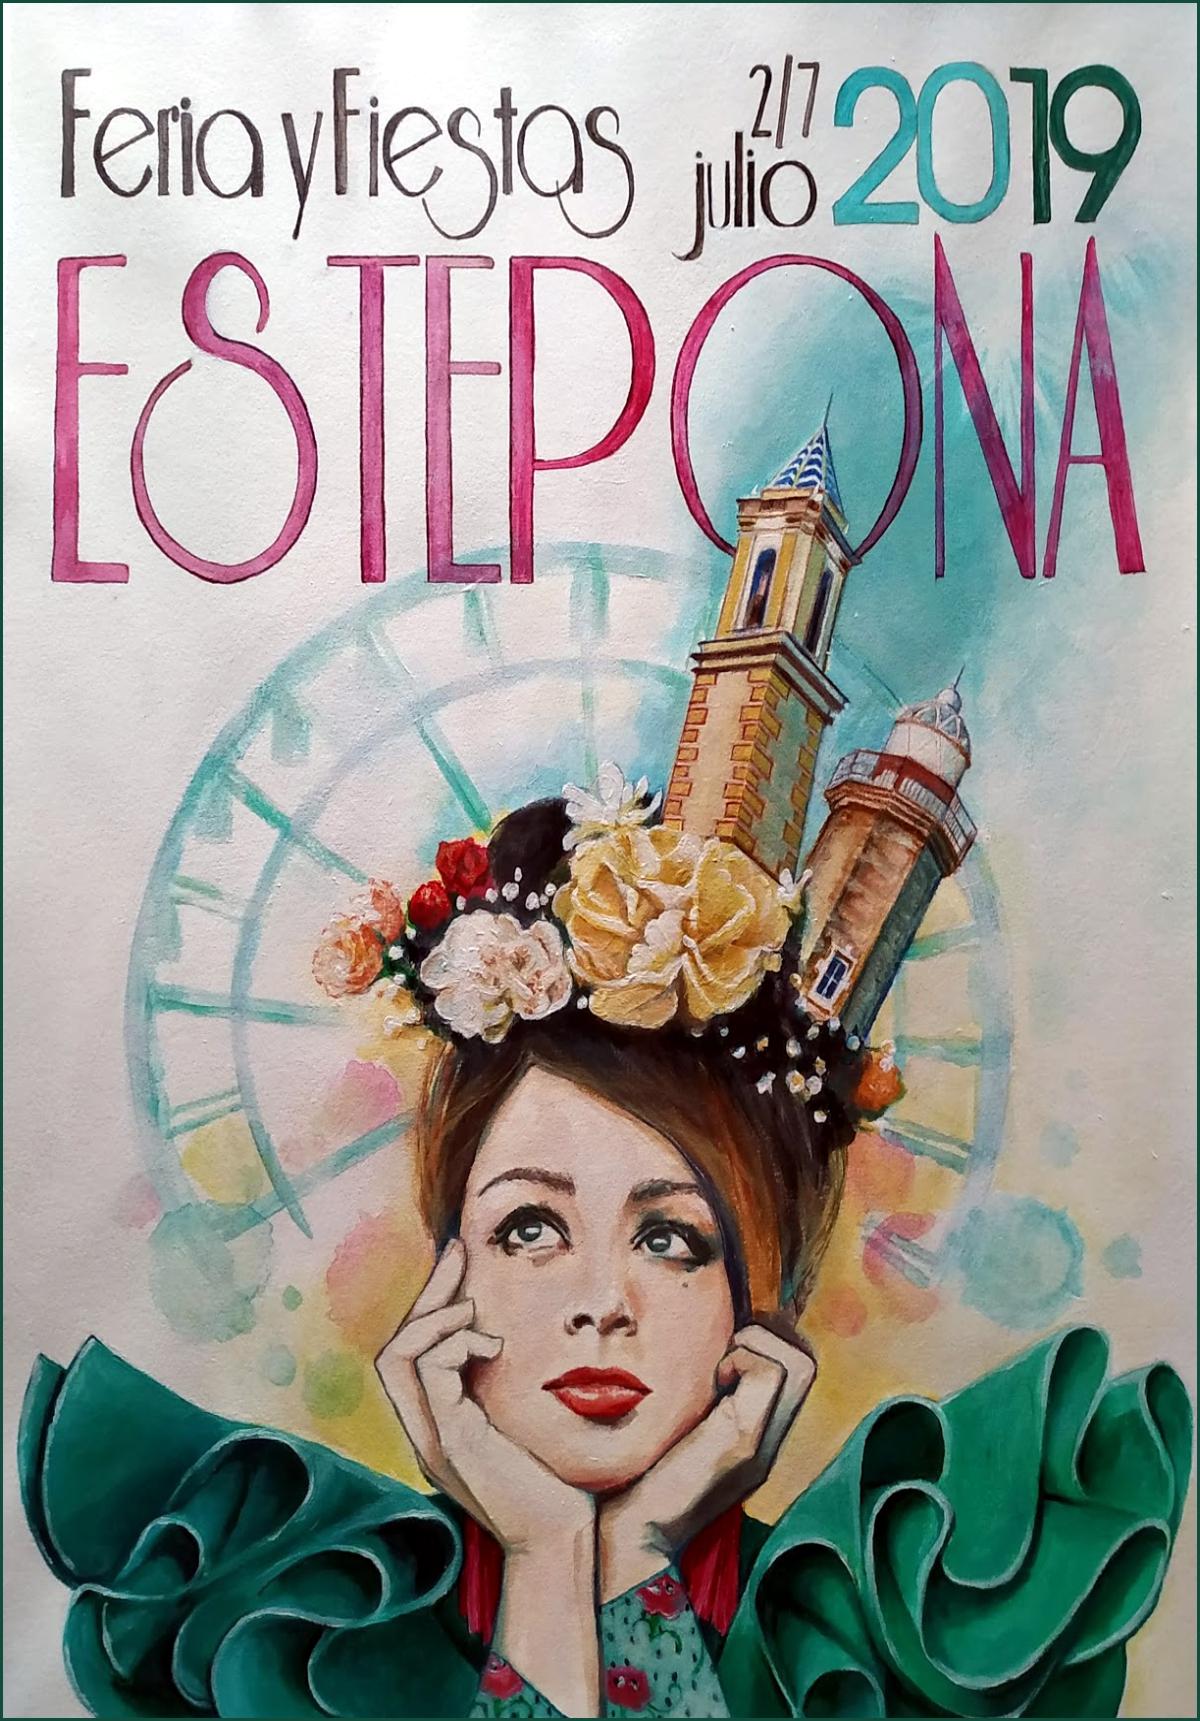 FERIA Y FIESTAS de ESTEPONA 2019 1